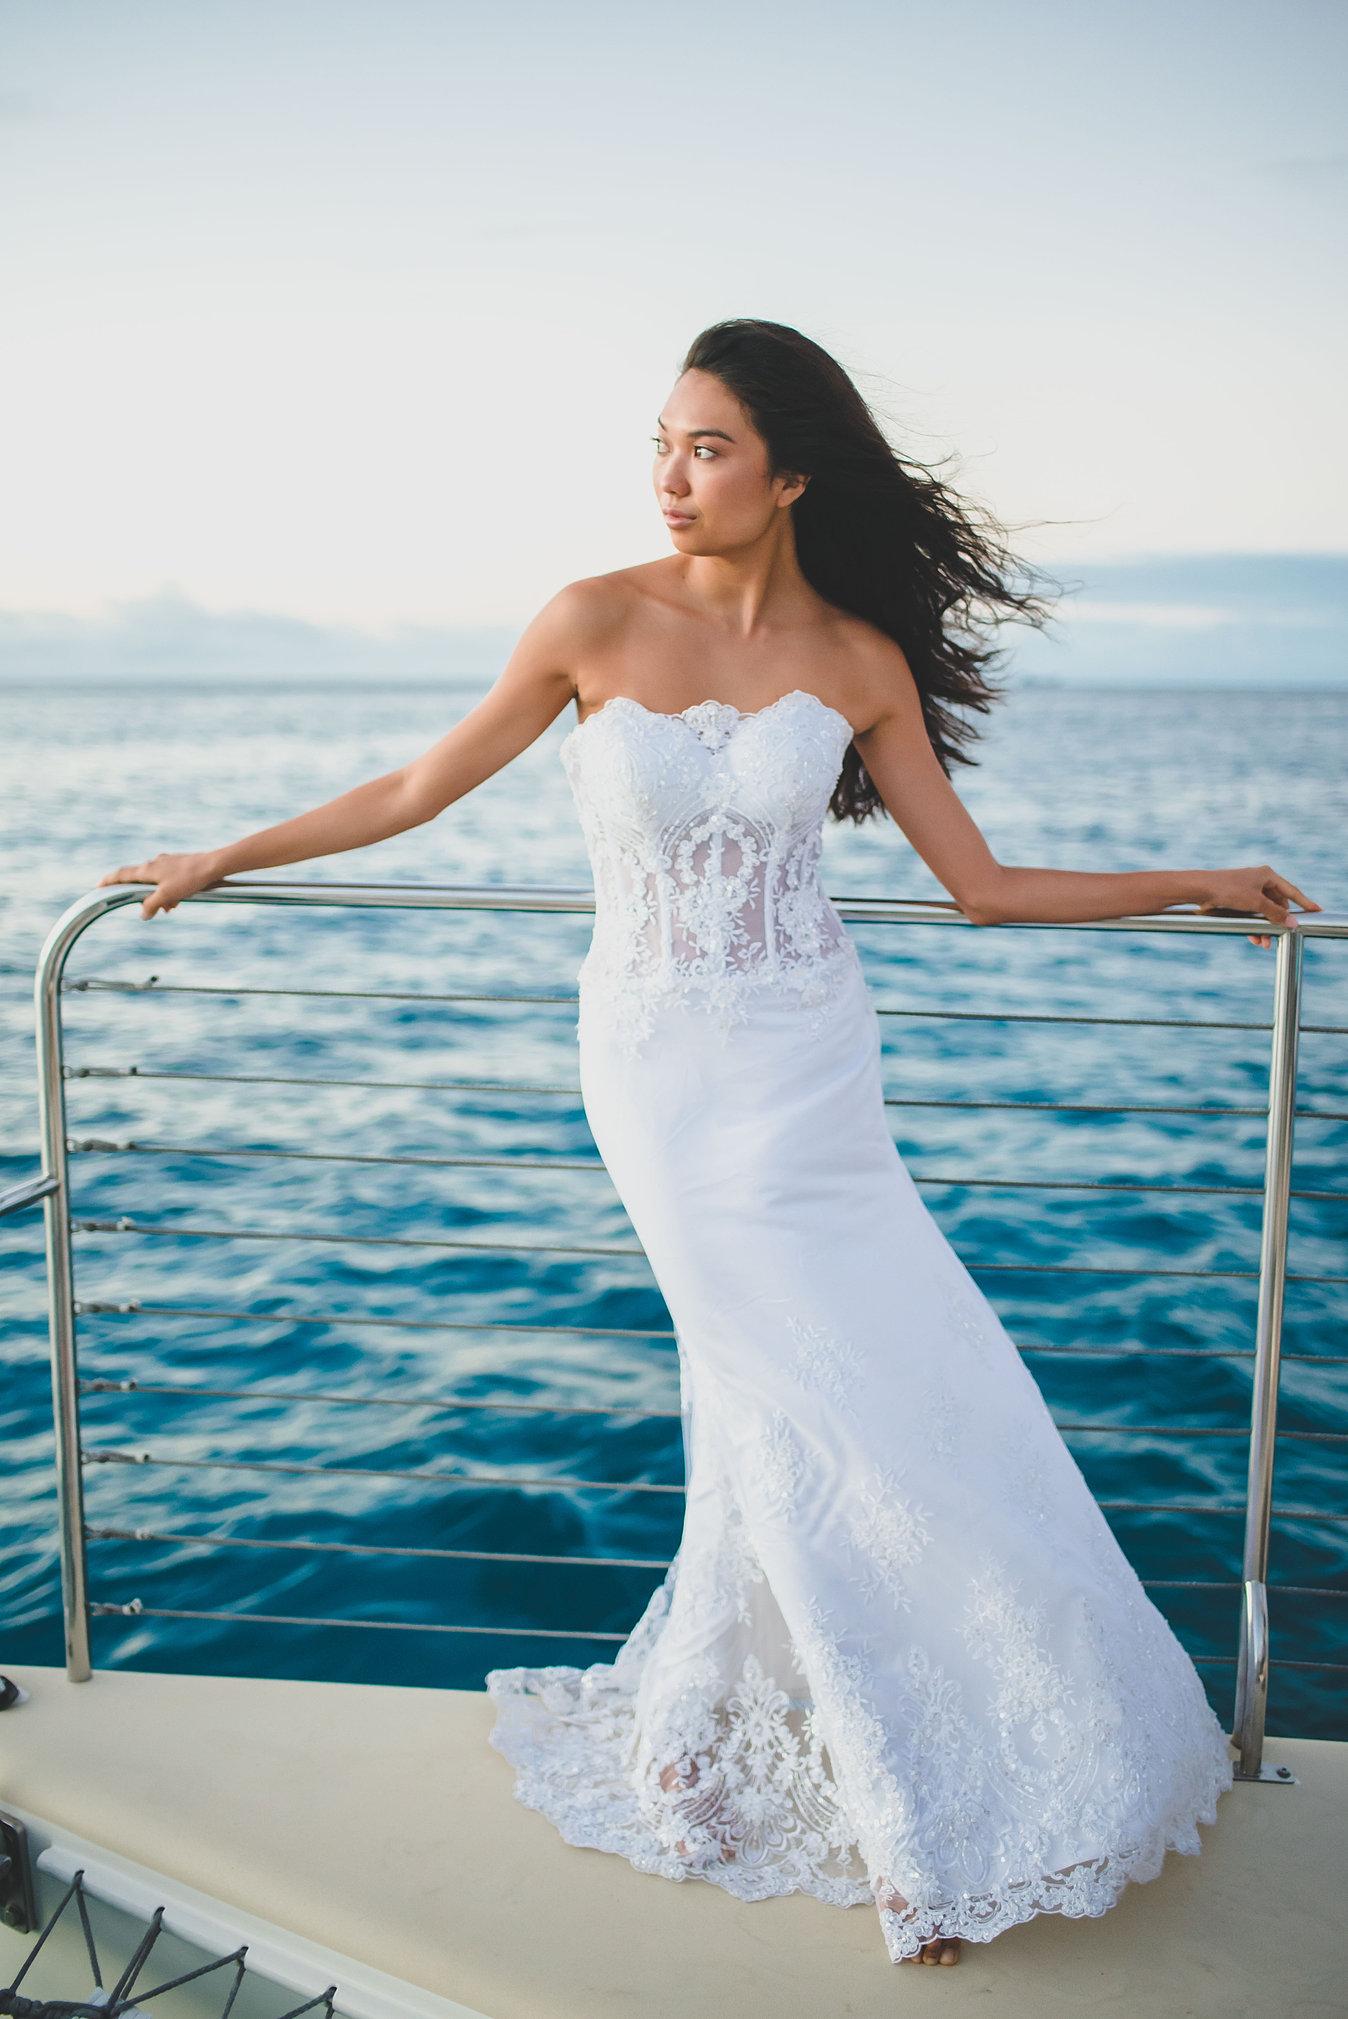 Funky Wedding Dress In San Diego Ideas - All Wedding Dresses ...